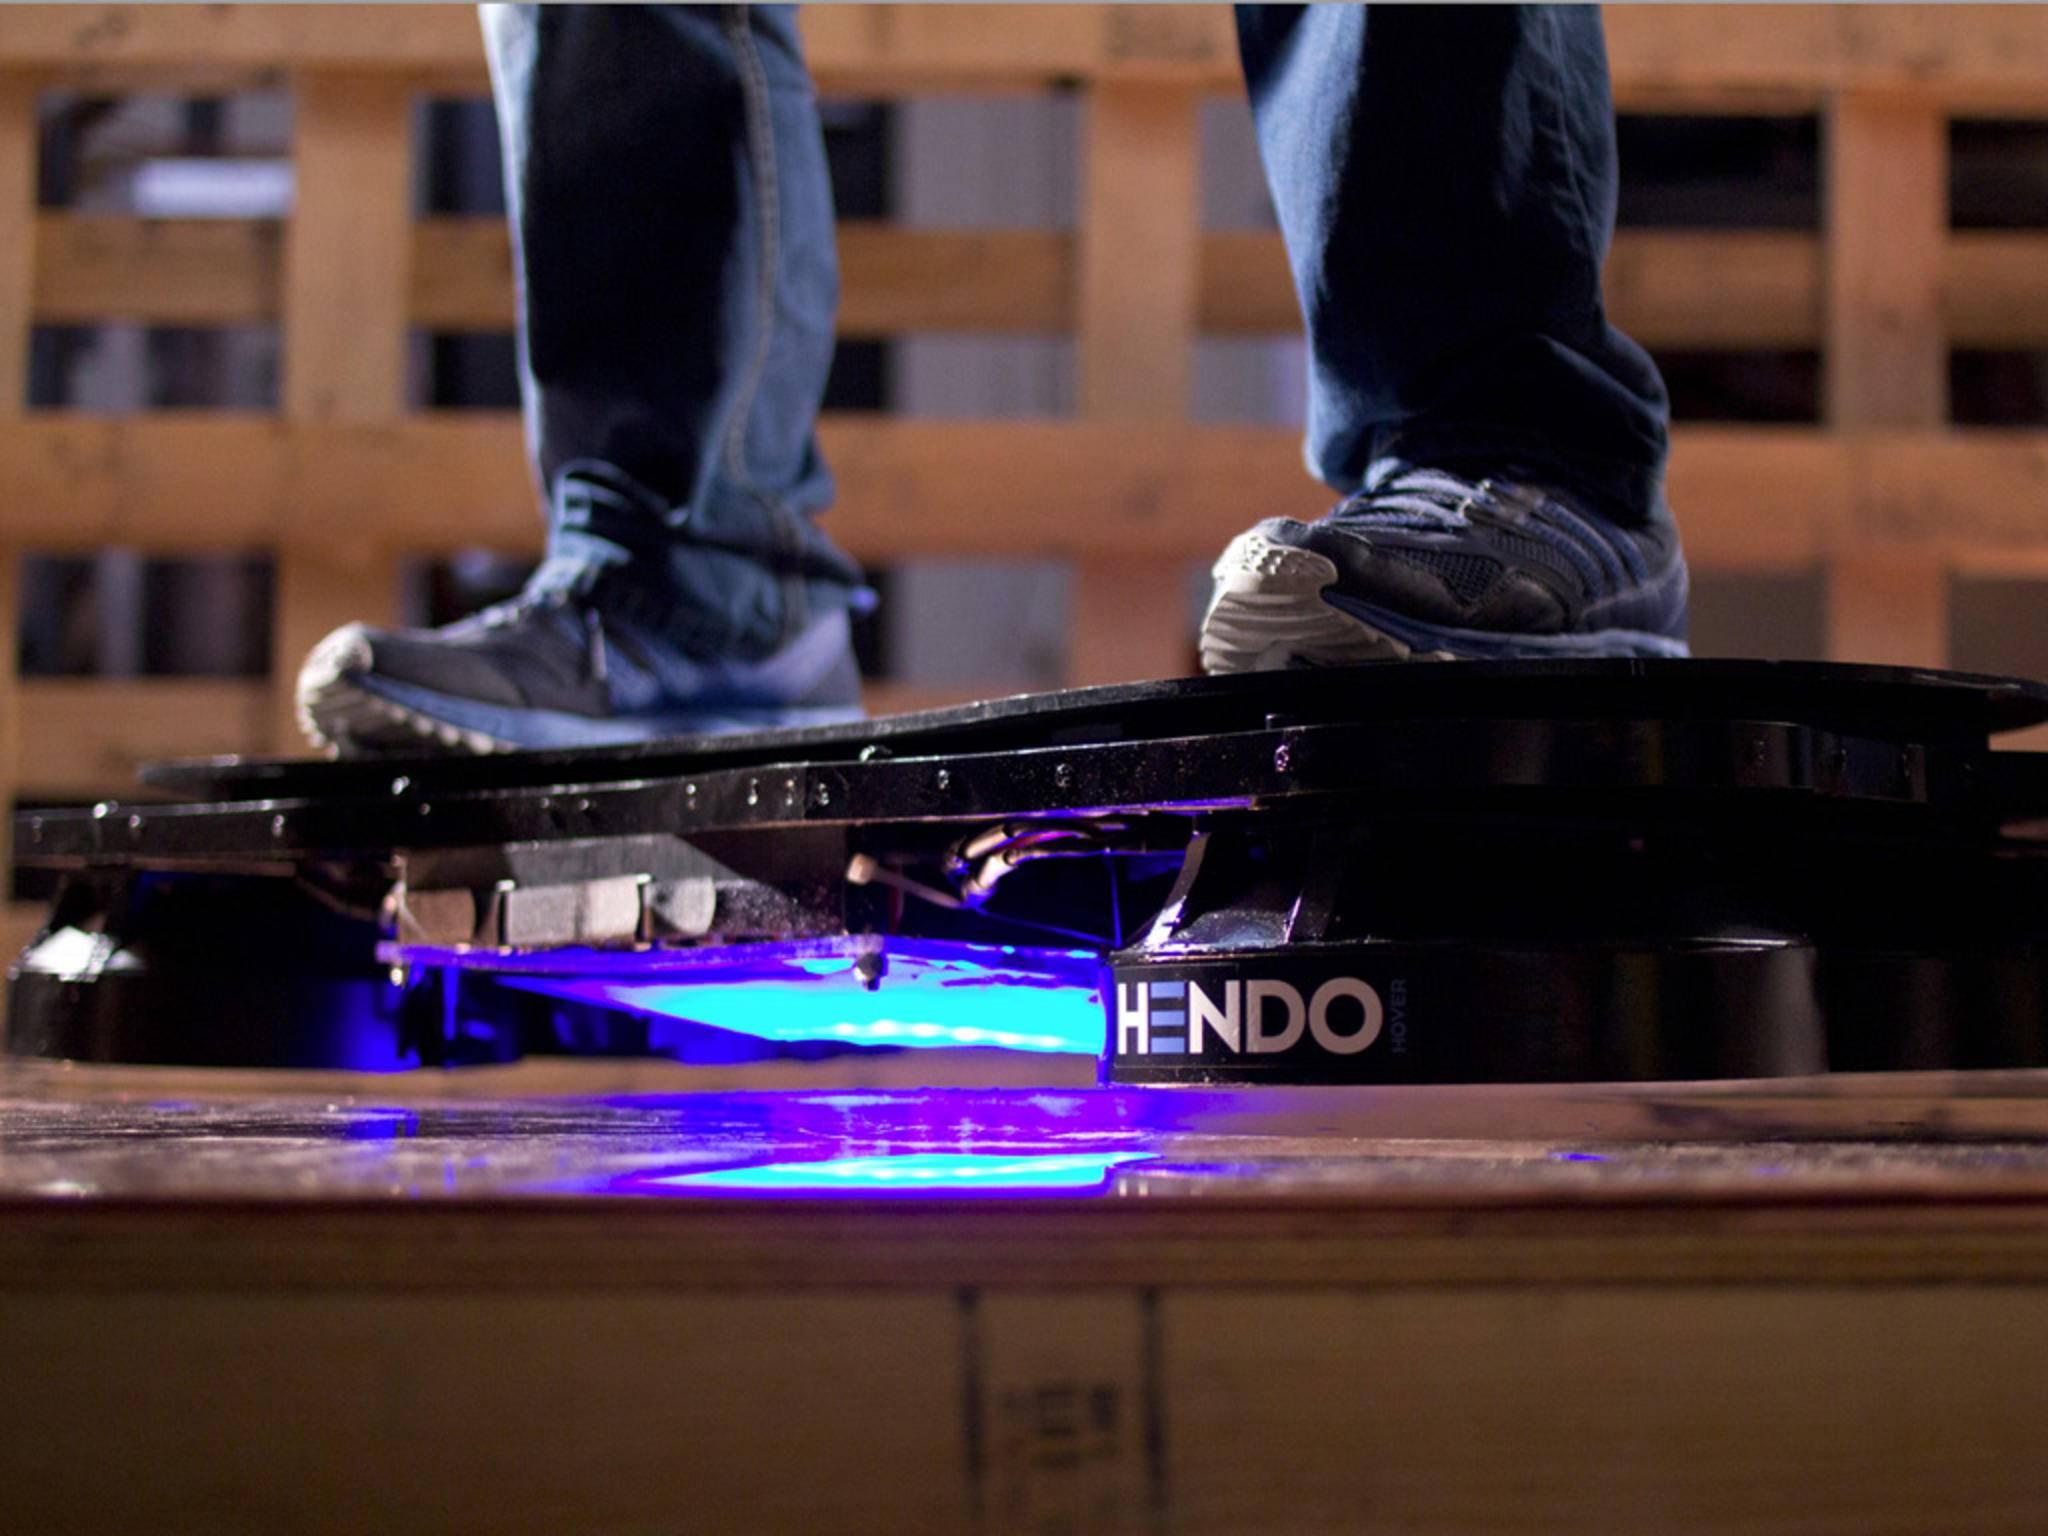 """""""Zurück in die Zukunft""""-Jubiläum: Hendo 2.0 Hoverboard wird am 21. Oktober enthüllt."""